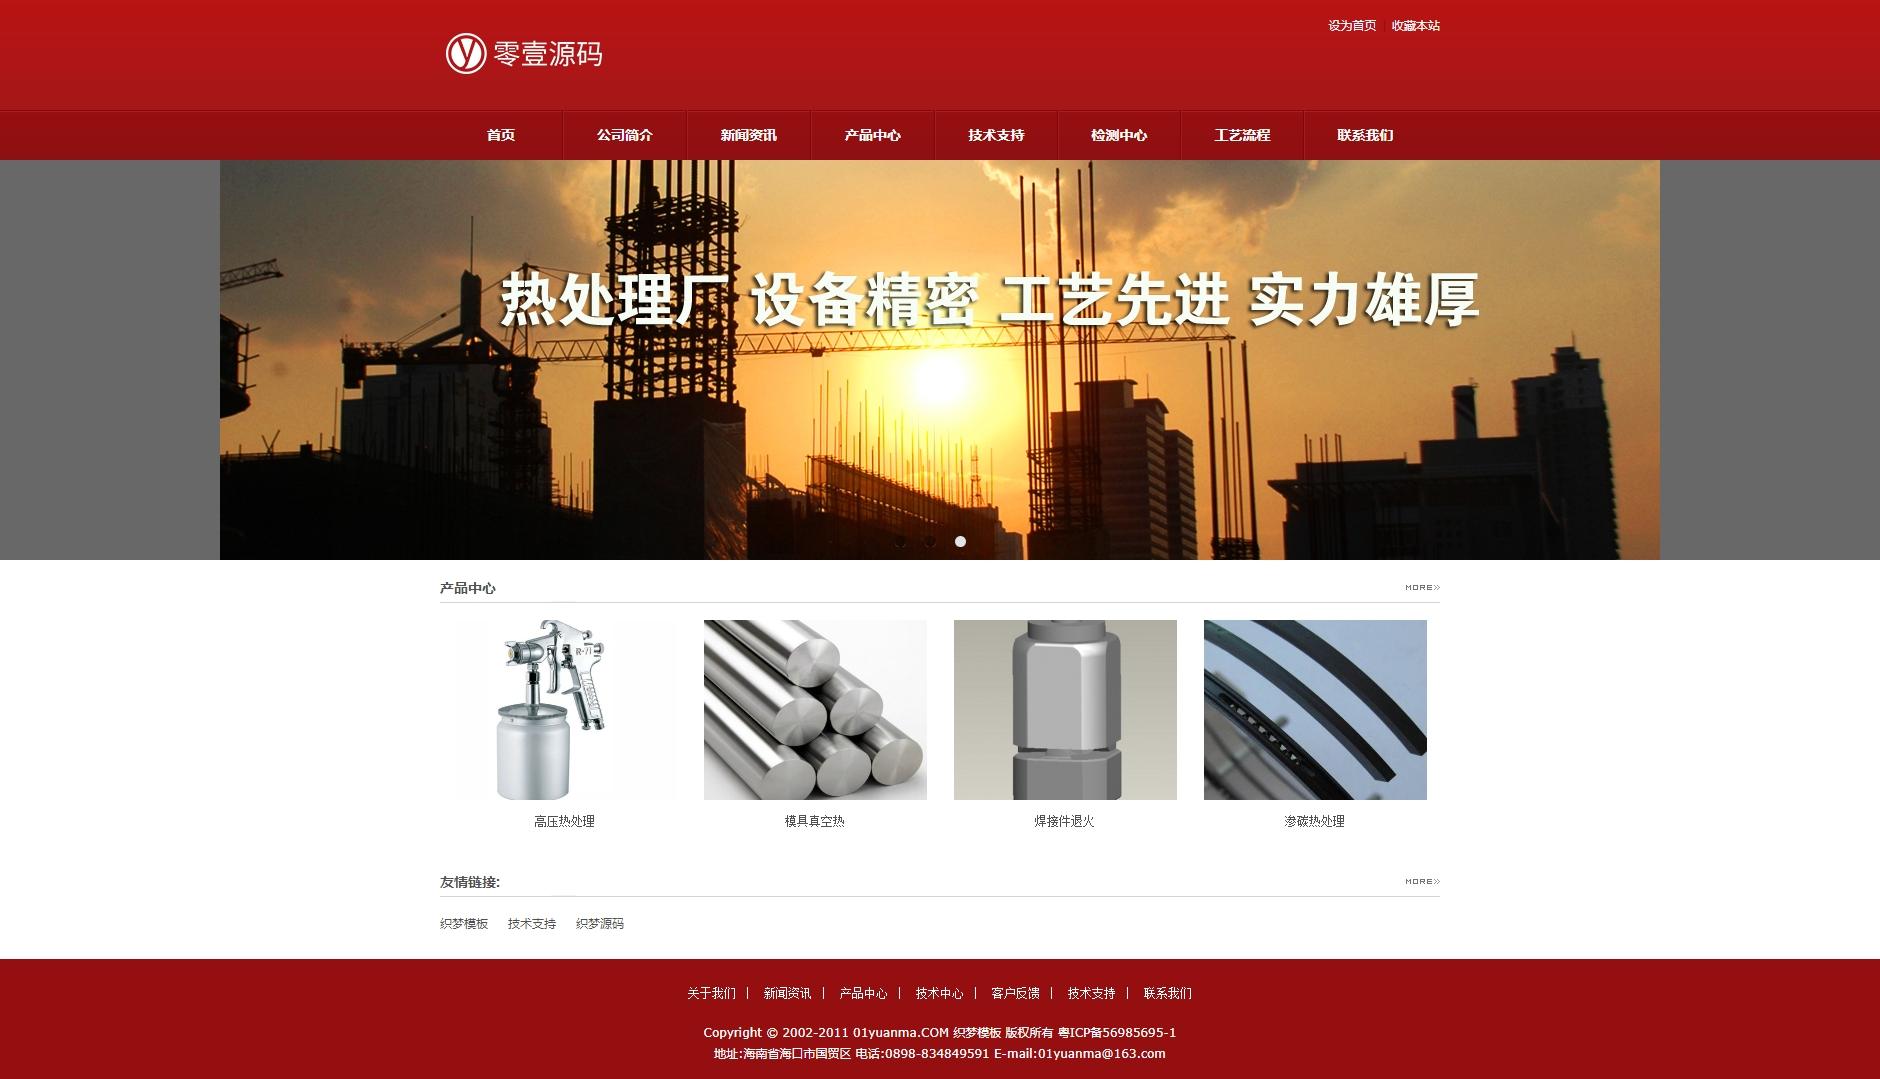 红色工业机械热处理企业网站织梦dedecms模板